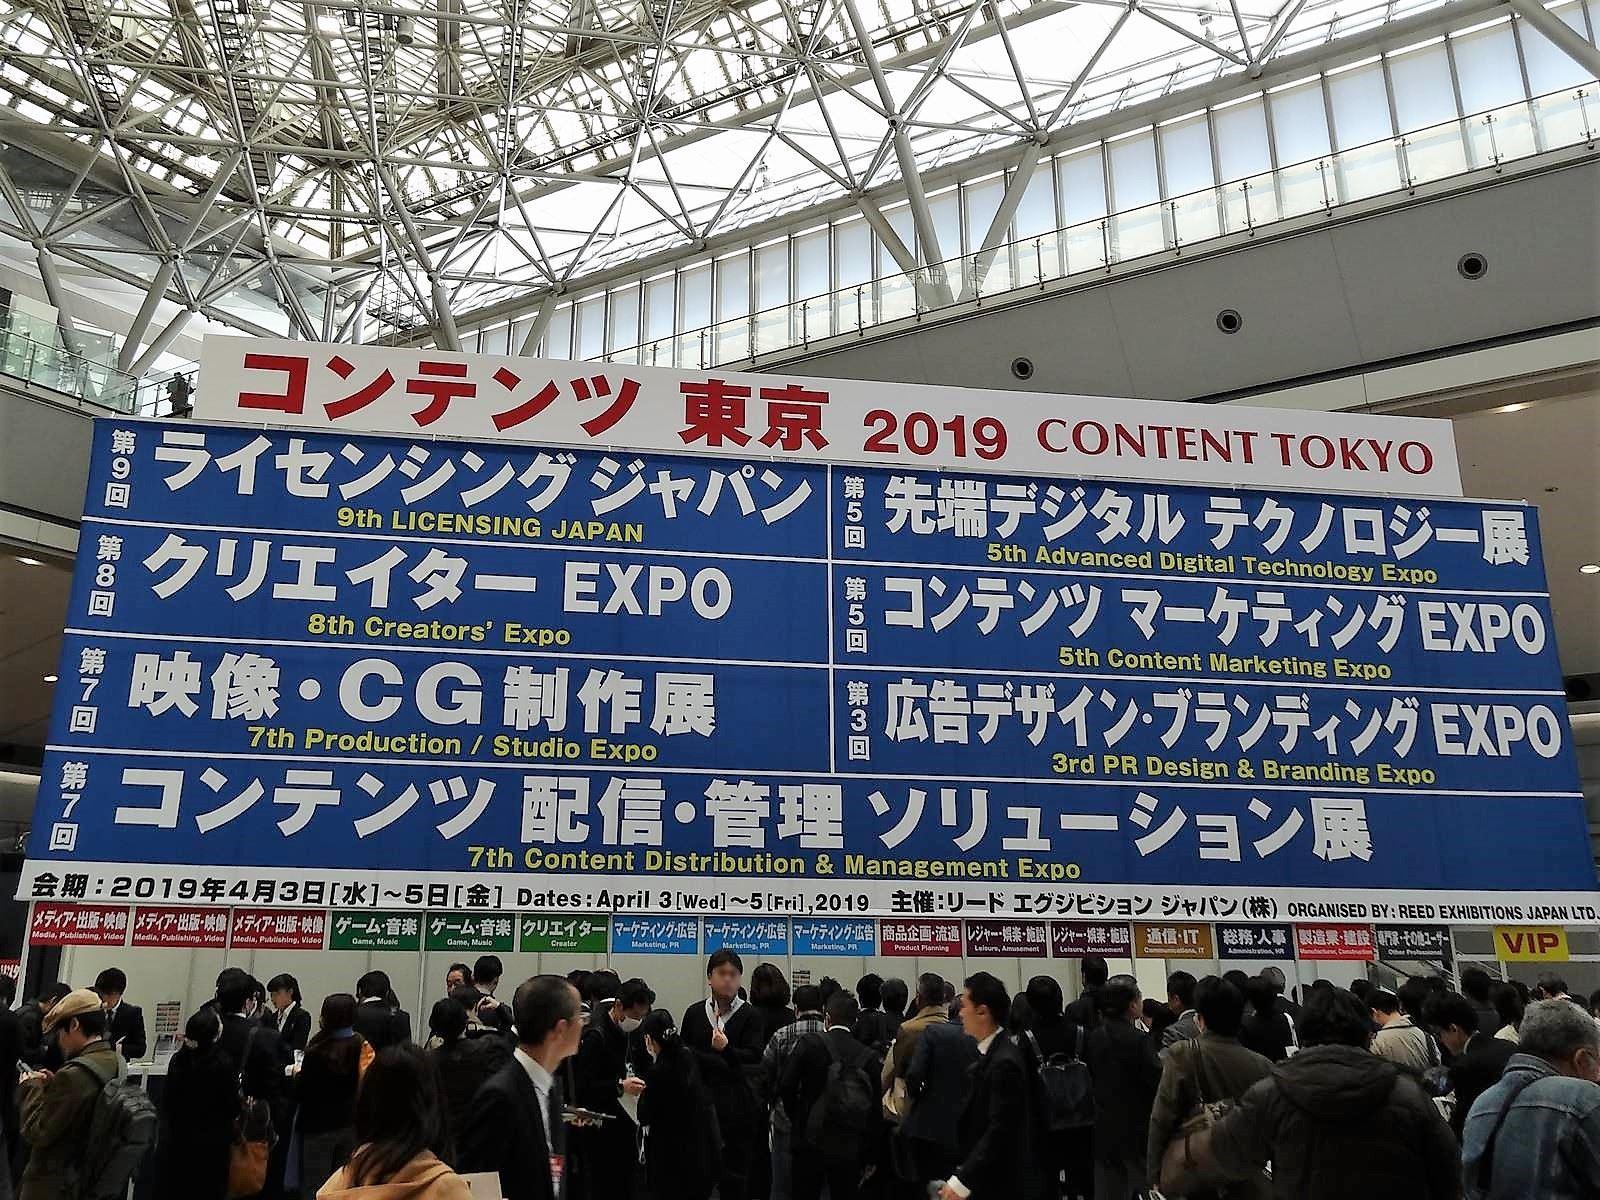 「コンテンツ東京2019」で見つけたコンテンツビジネス×ブロックチェーンの新鋭企業たち